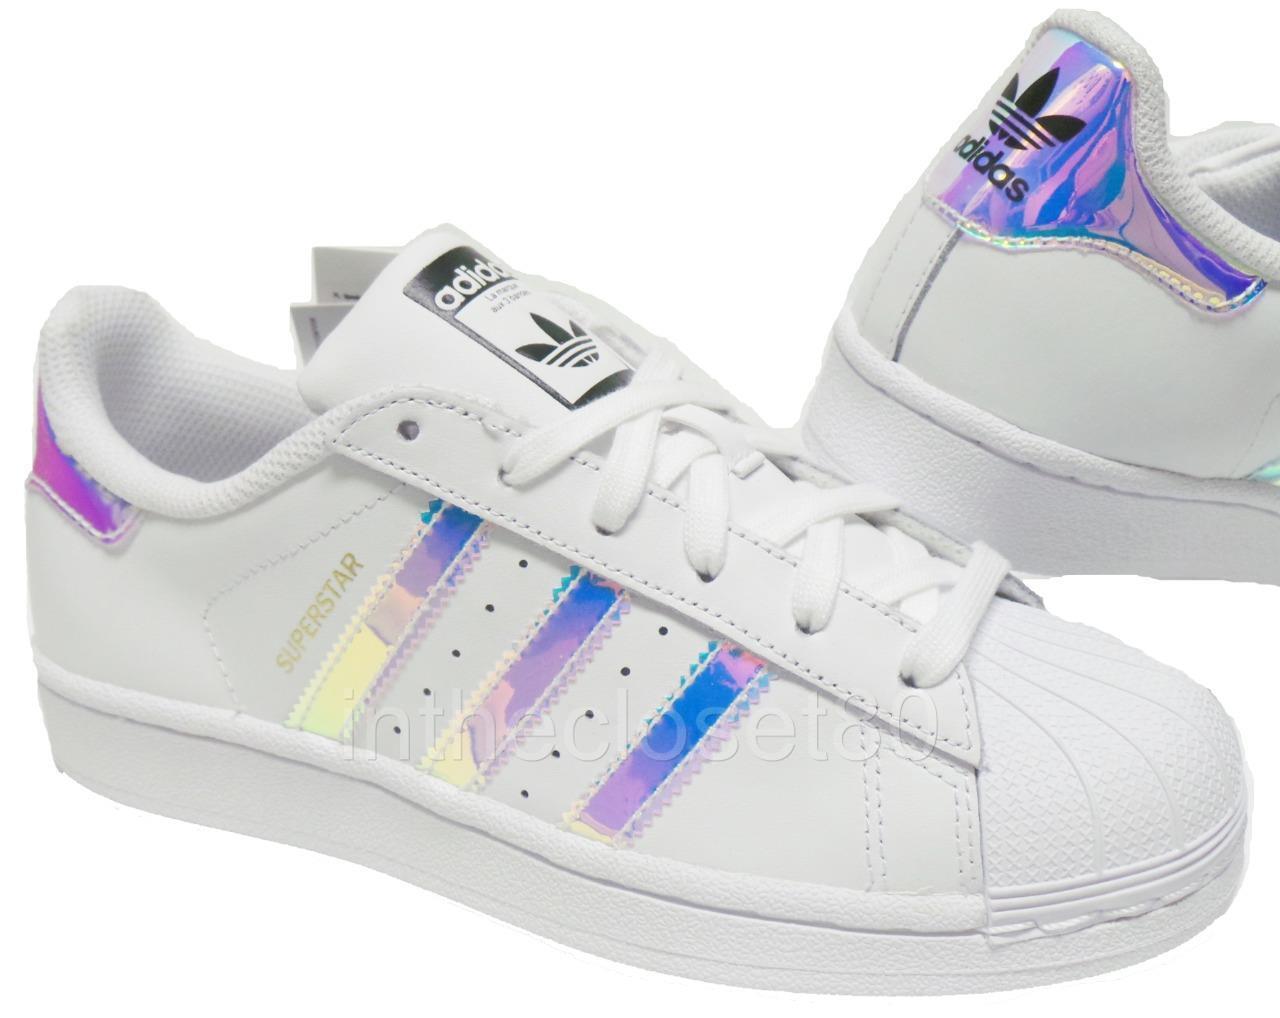 ADIDAS Superstar iridescente GS Bianco argentoo Per Ragazzi Ragazze Da Da Da Donna Scarpe da ginnastica aq6278 d91269